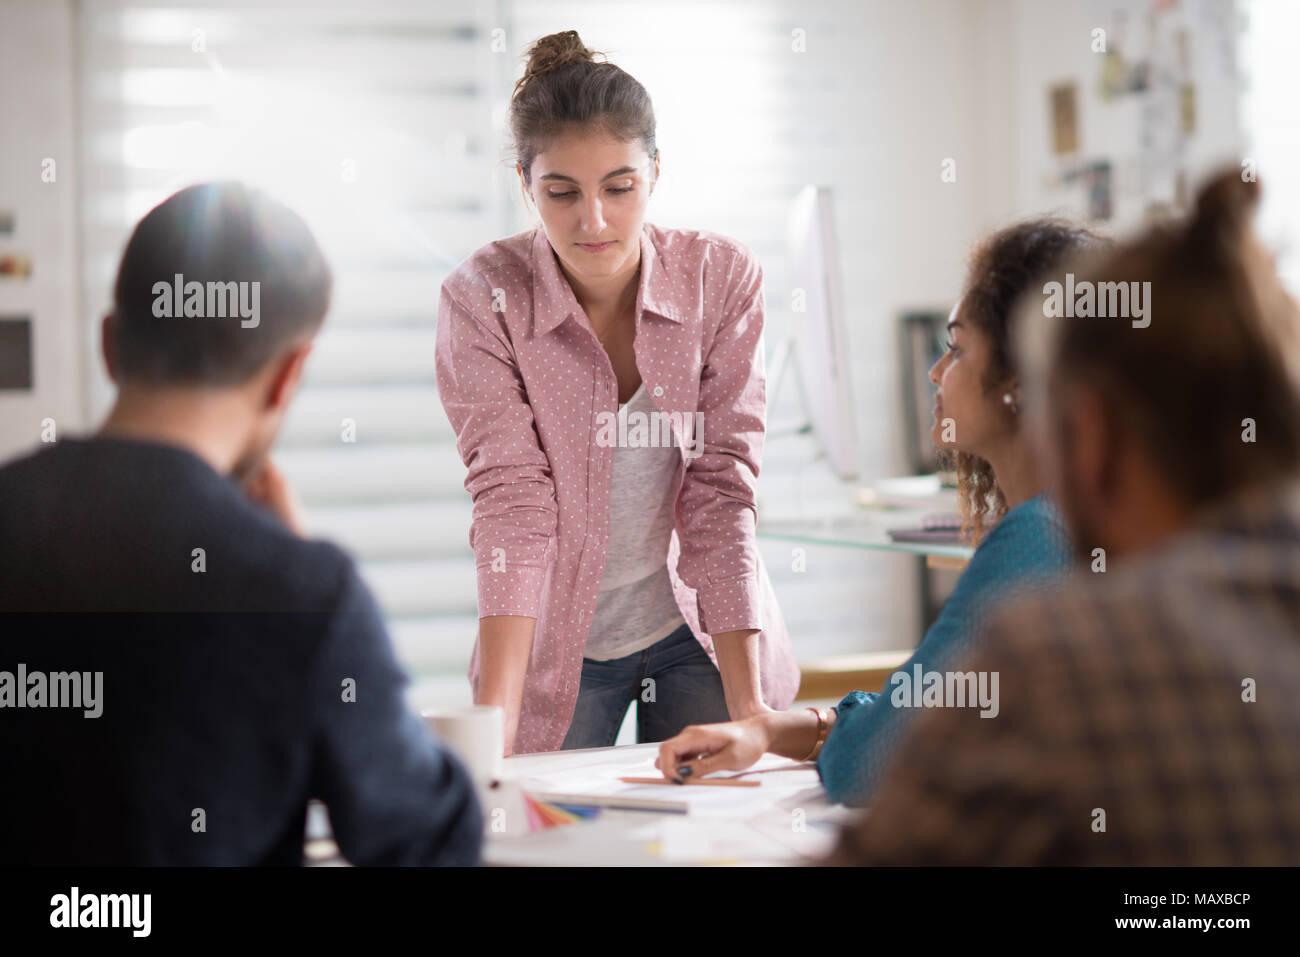 Riunione in ufficio. Una giovane donna presenta il suo progetto Immagini Stock